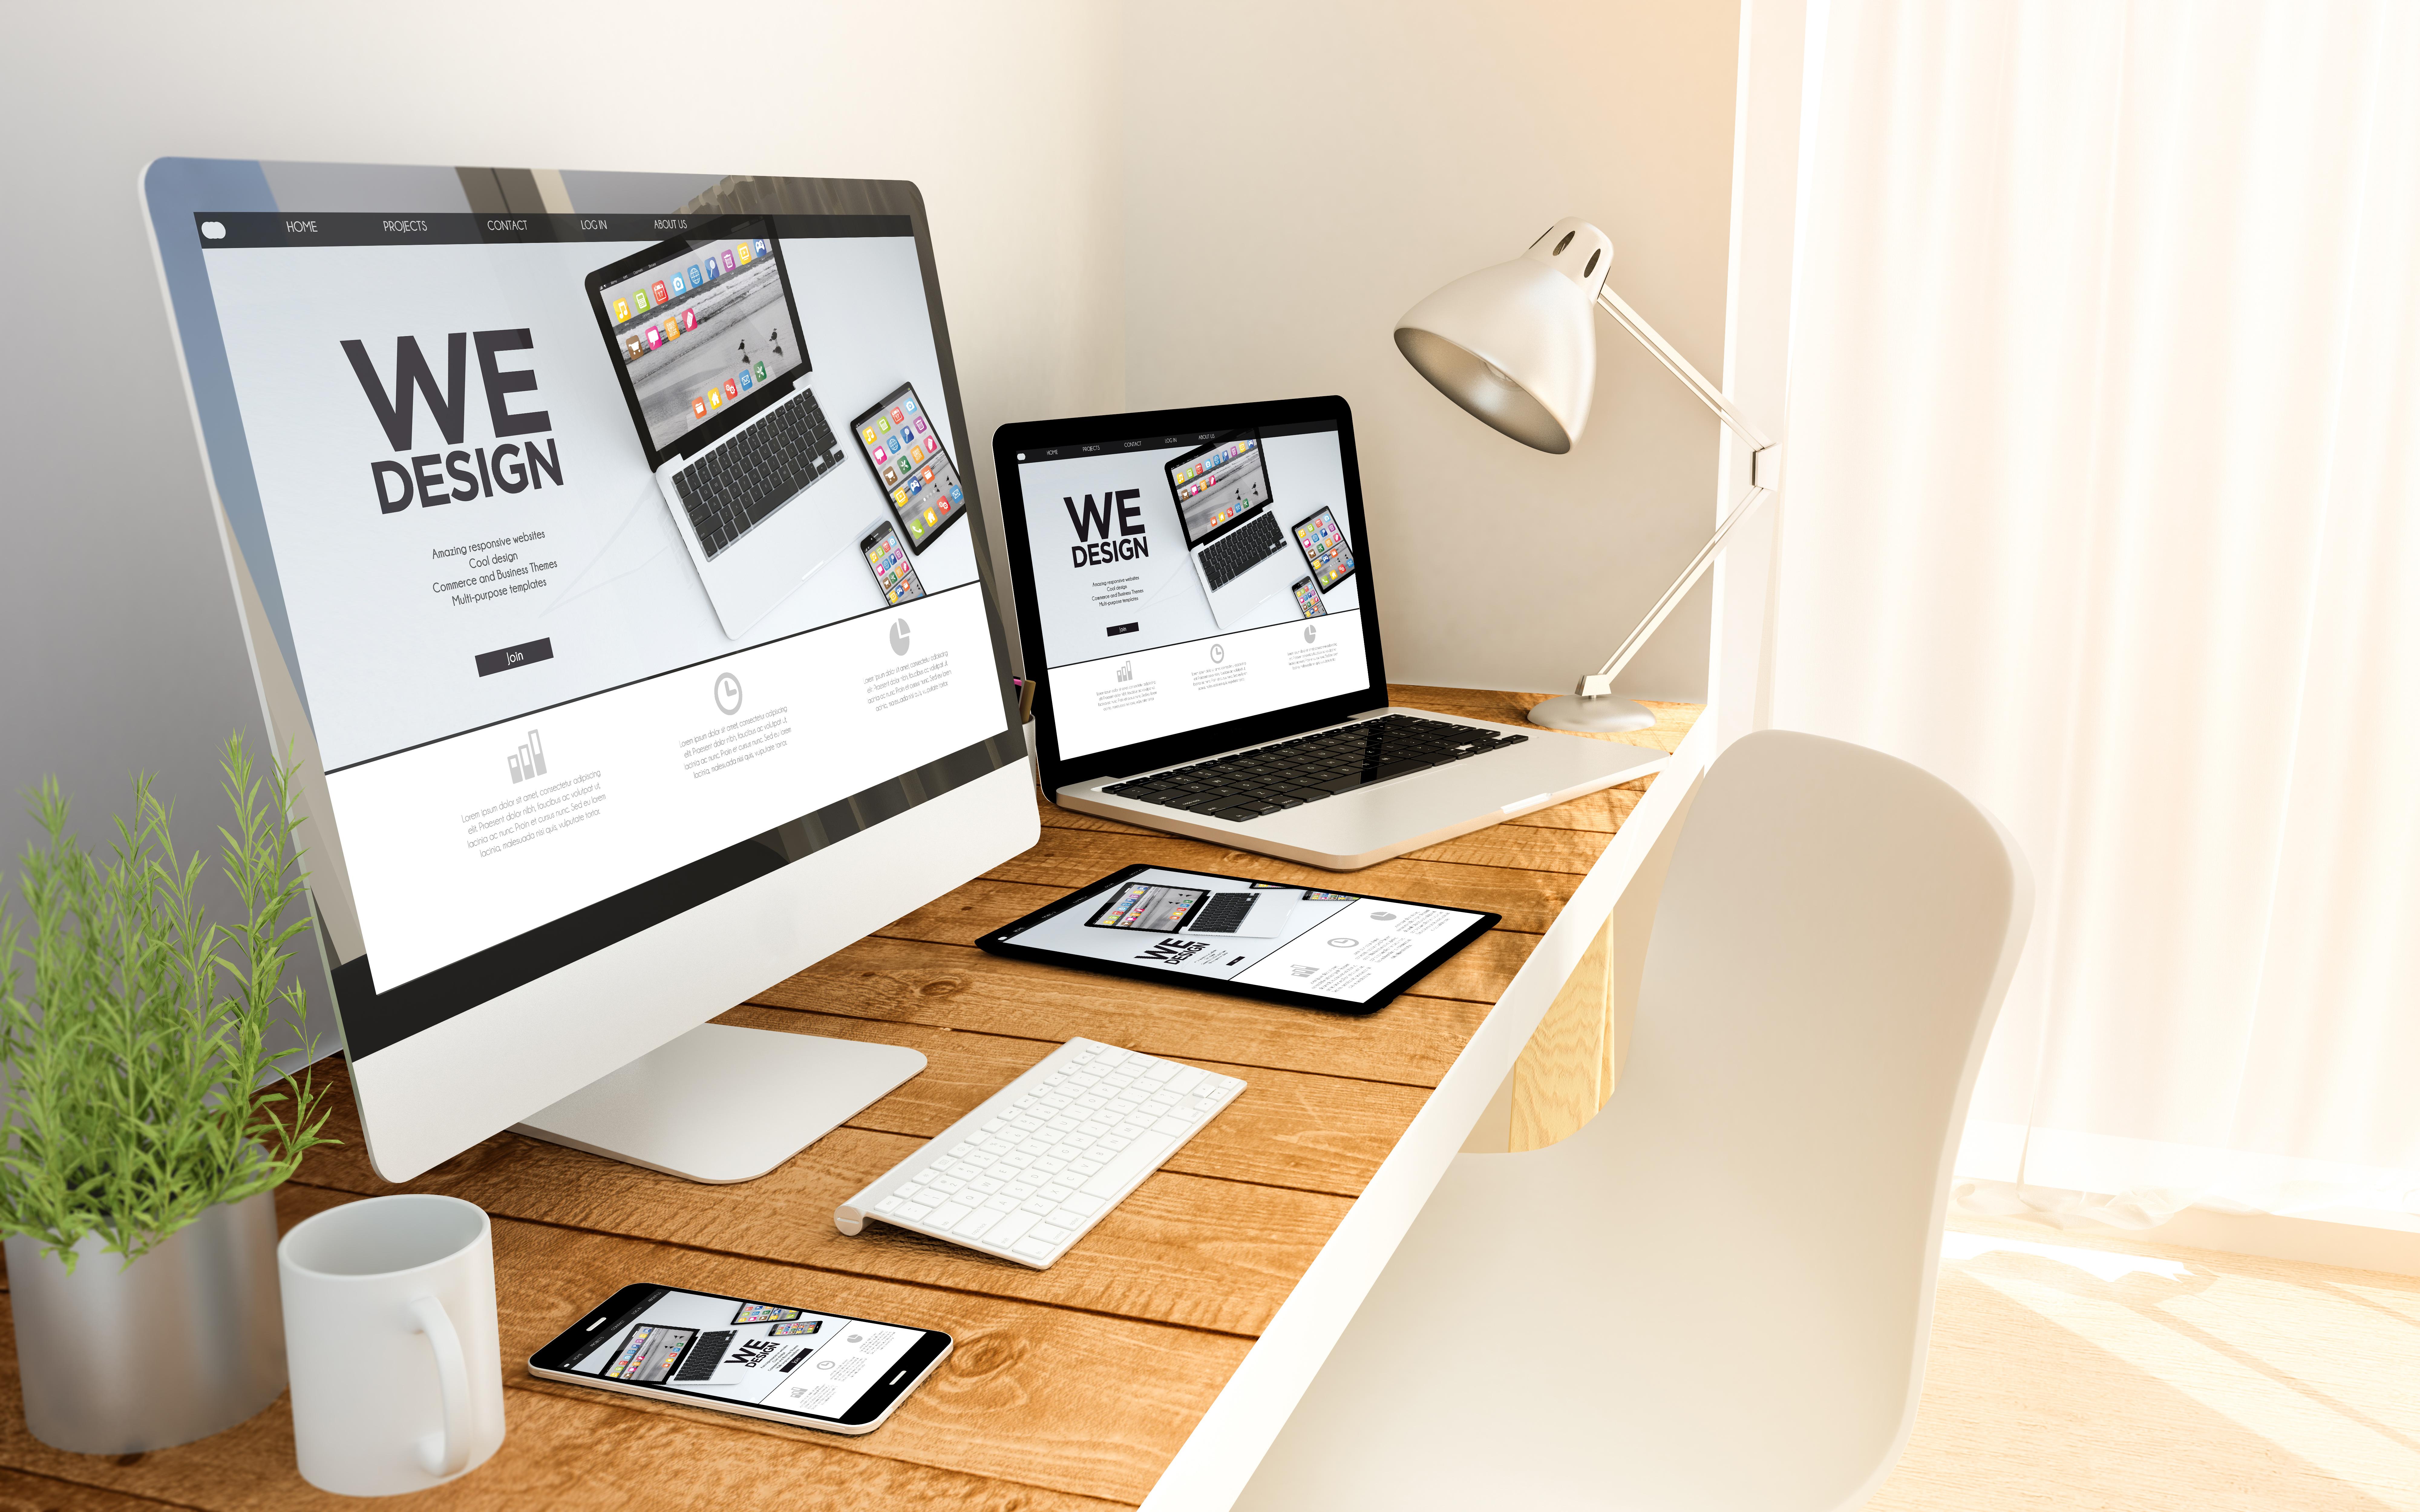 design for wellness businesses